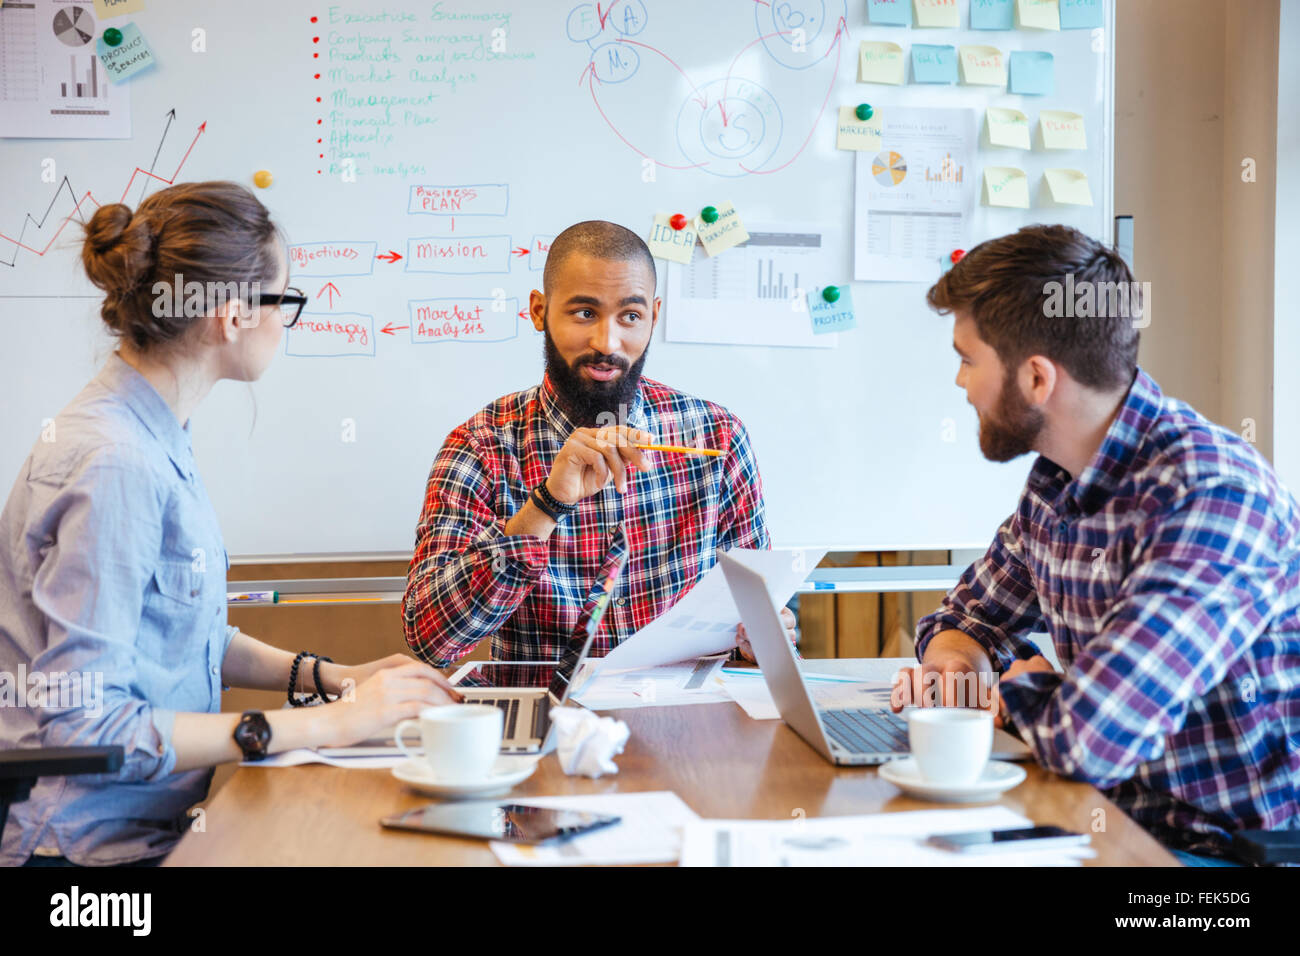 Un grupo de jóvenes creativos que Nuevo proyecto juntos en la sala de conferencias Imagen De Stock